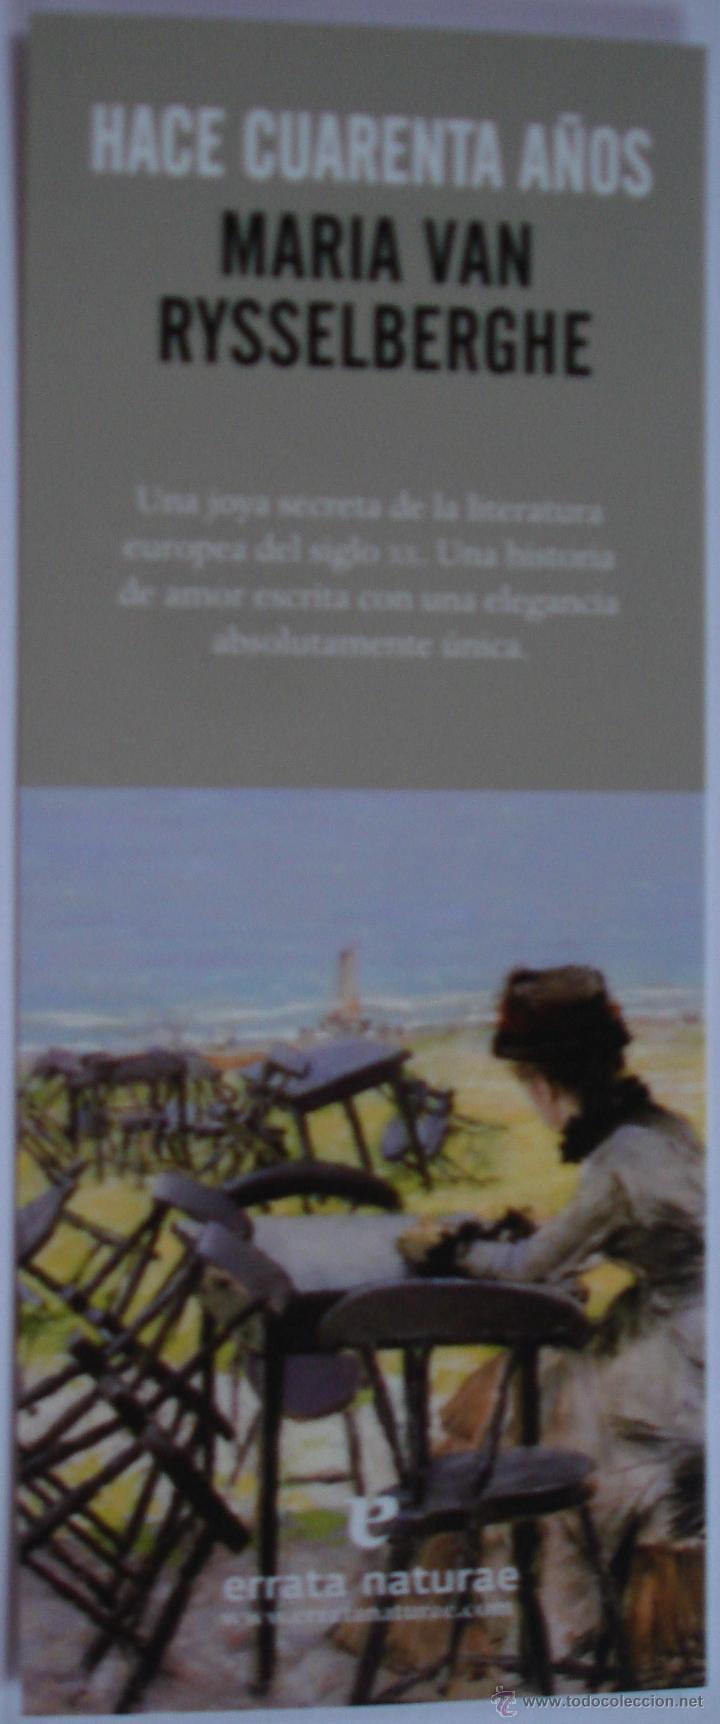 MARCAPÁGINAS EDITORIAL ERRATA NATURAE.HACE CUARENTA AÑOS. (Coleccionismo - Marcapáginas)